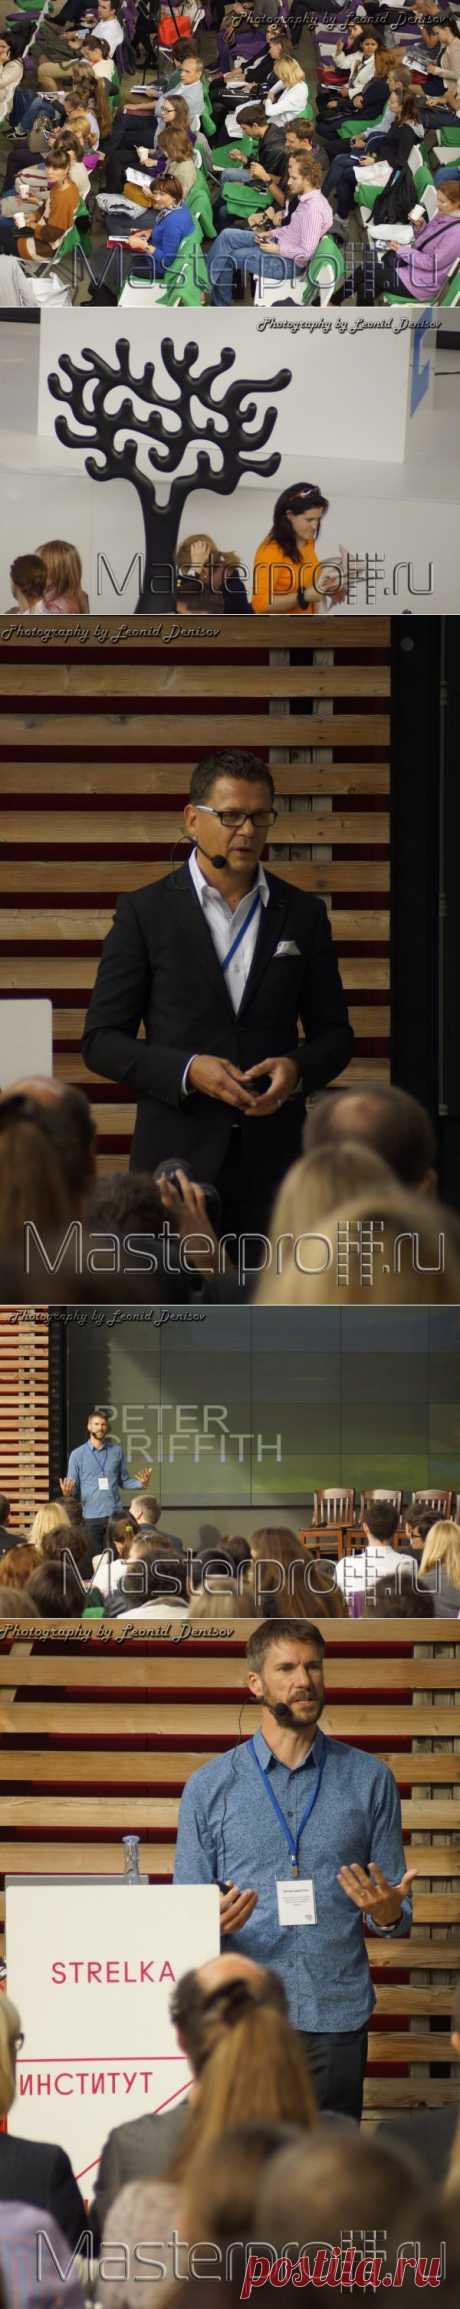 """Дни финского дизайна в Москве (2013)      Второй год подряд в Москве проводится """"Дни Финского Дизайна"""". Это интереснейшее событие прошло 29 августа в Институте медиа, архитектуры и дизайна Стрелка. Финский дизайн – это не просто набор правил о том, что и как расставить и какими цветами оформить. Это целая философия удобства, экономии пространства, эффективности и самое главное настроения, которое может создать дизайн."""